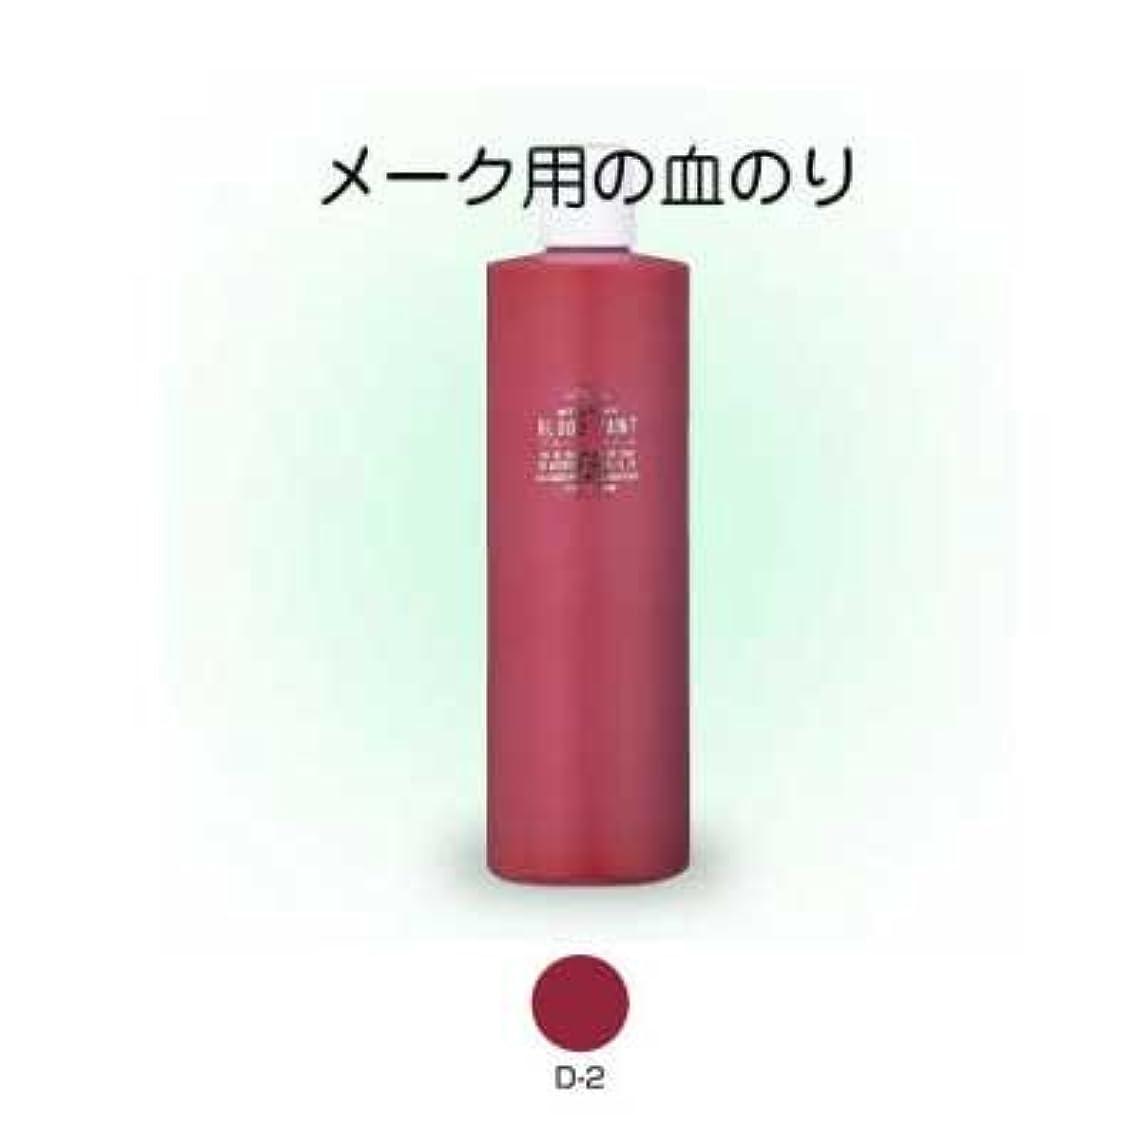 ブロードペイント(メークアップ用の血のり)500ml D-2【三善】